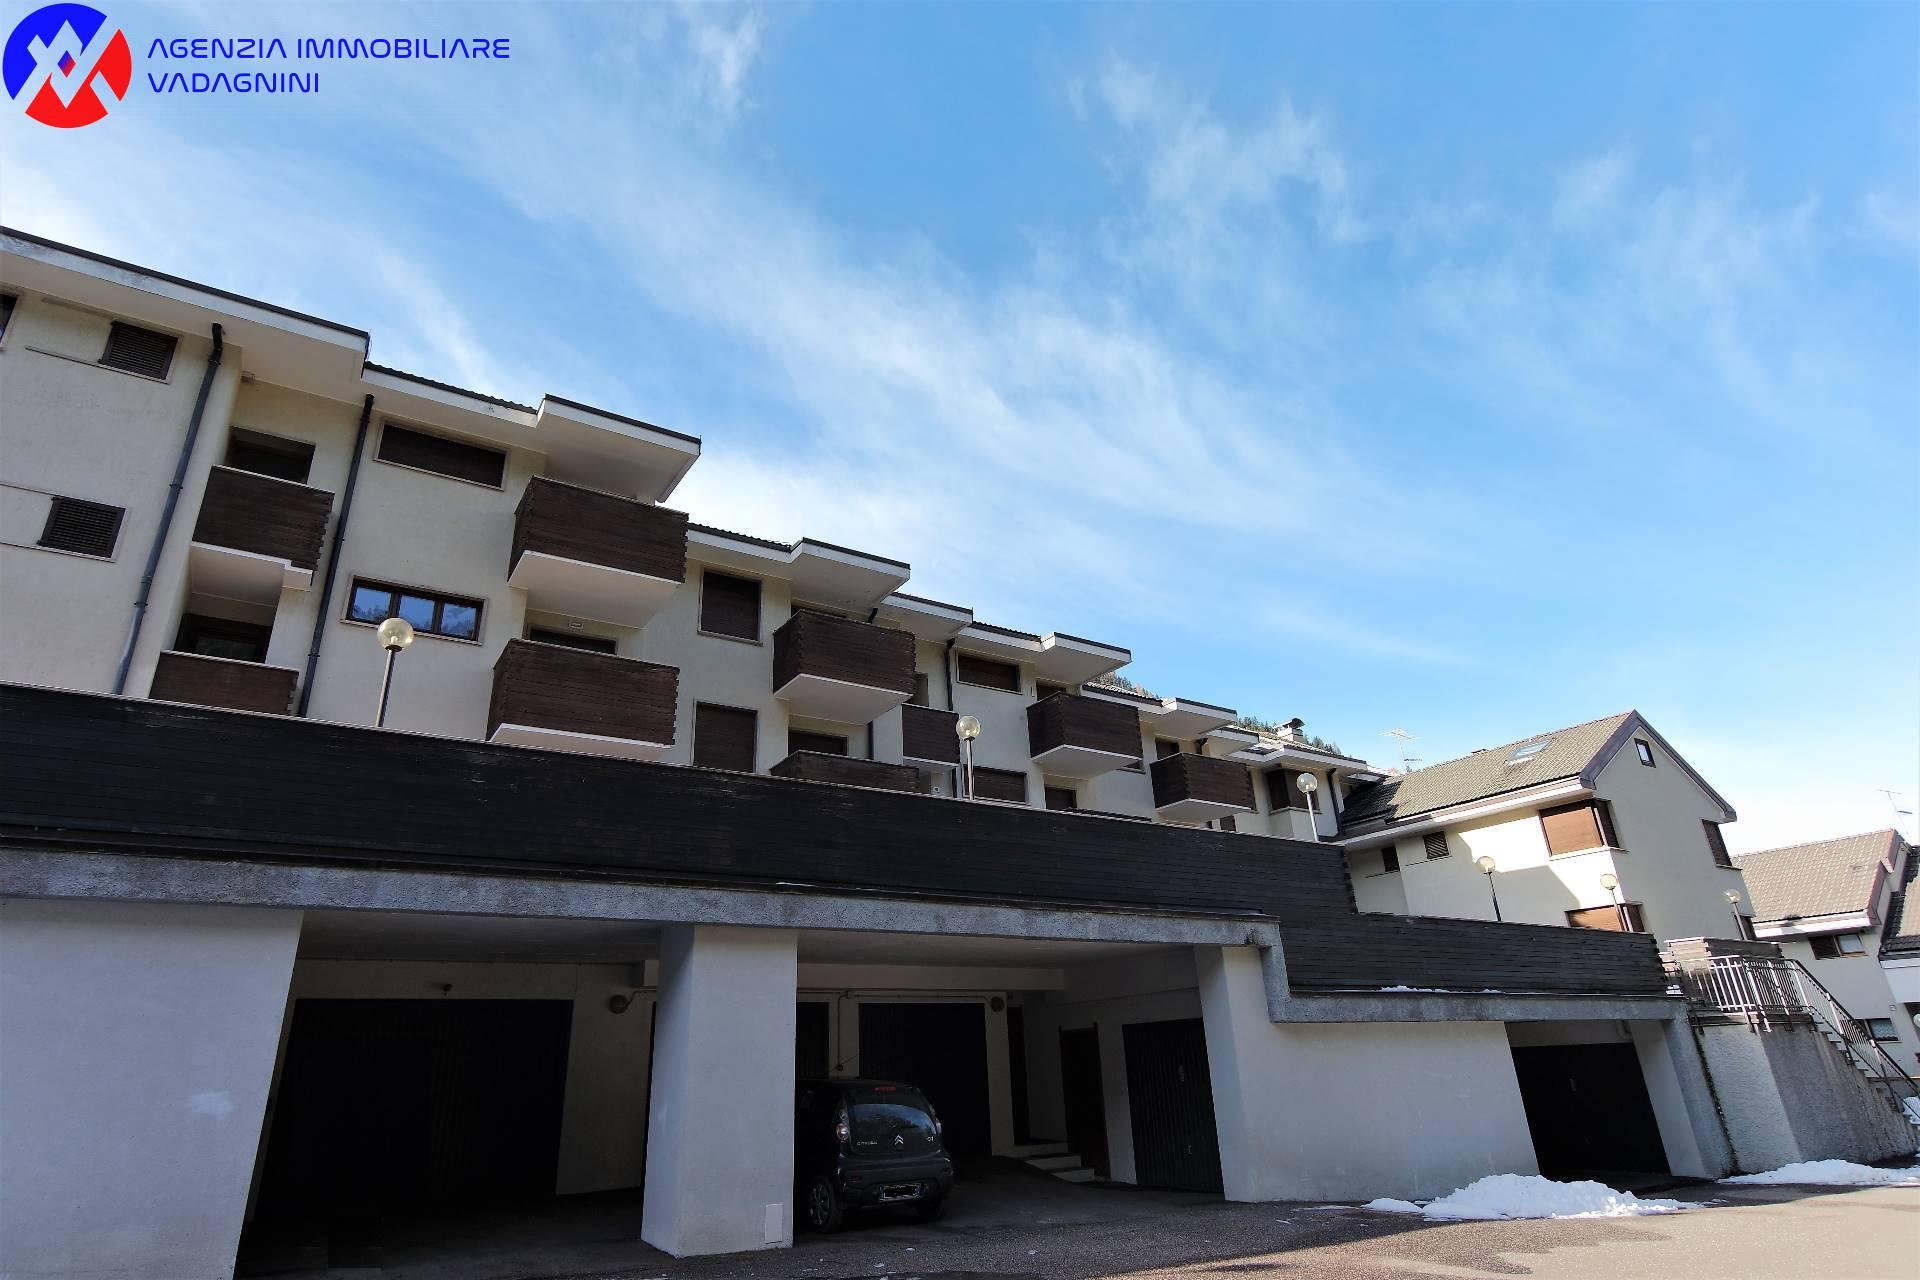 Appartamento in Vendita a Canazei Cod. 2031